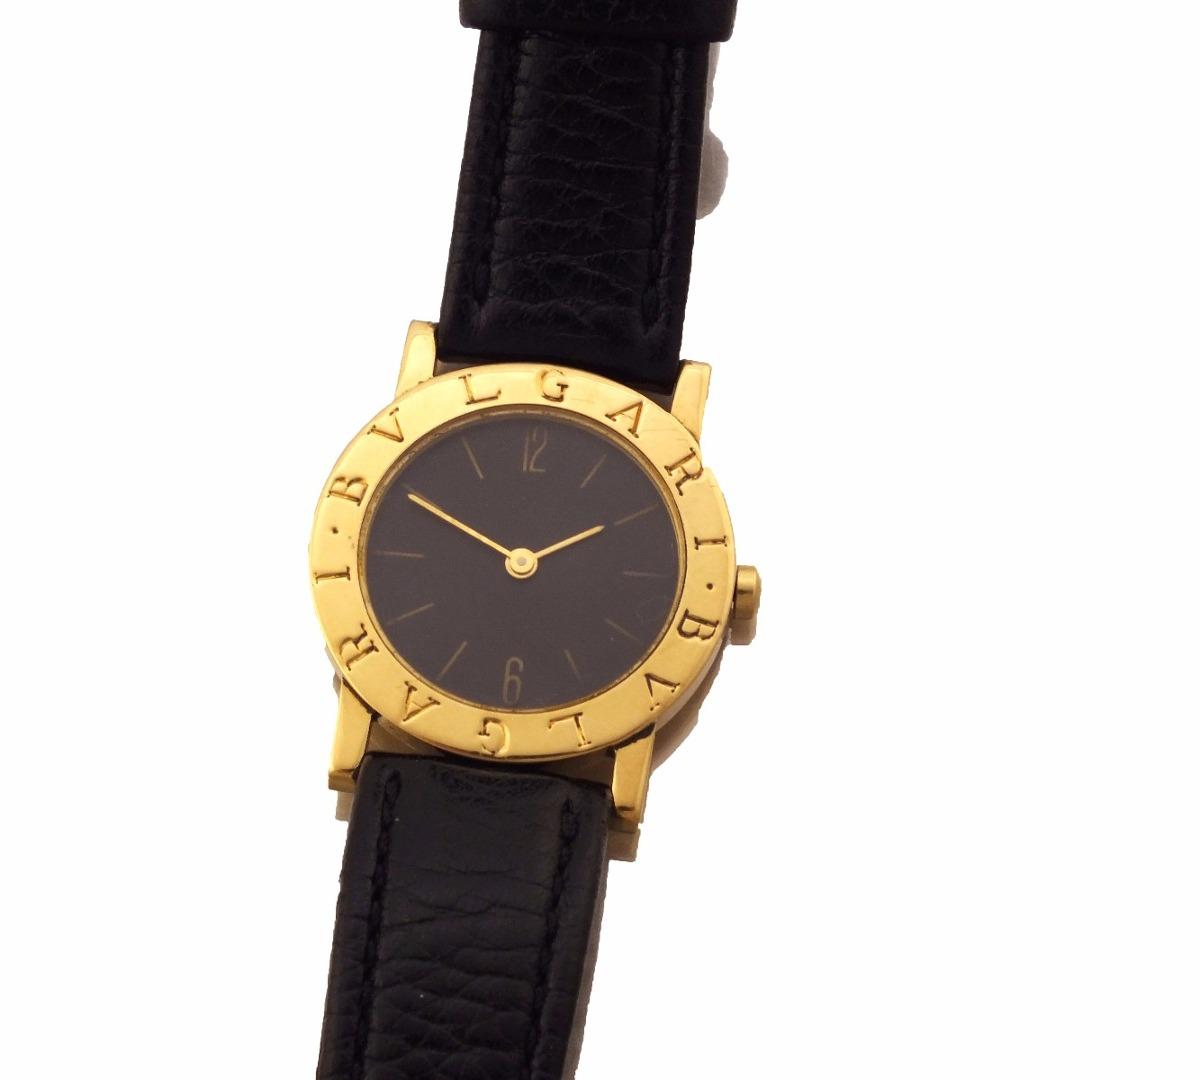 154b5d83325 relogio de pulso bvlgari em ouro 18k e pulseira couro j12631. Carregando  zoom.